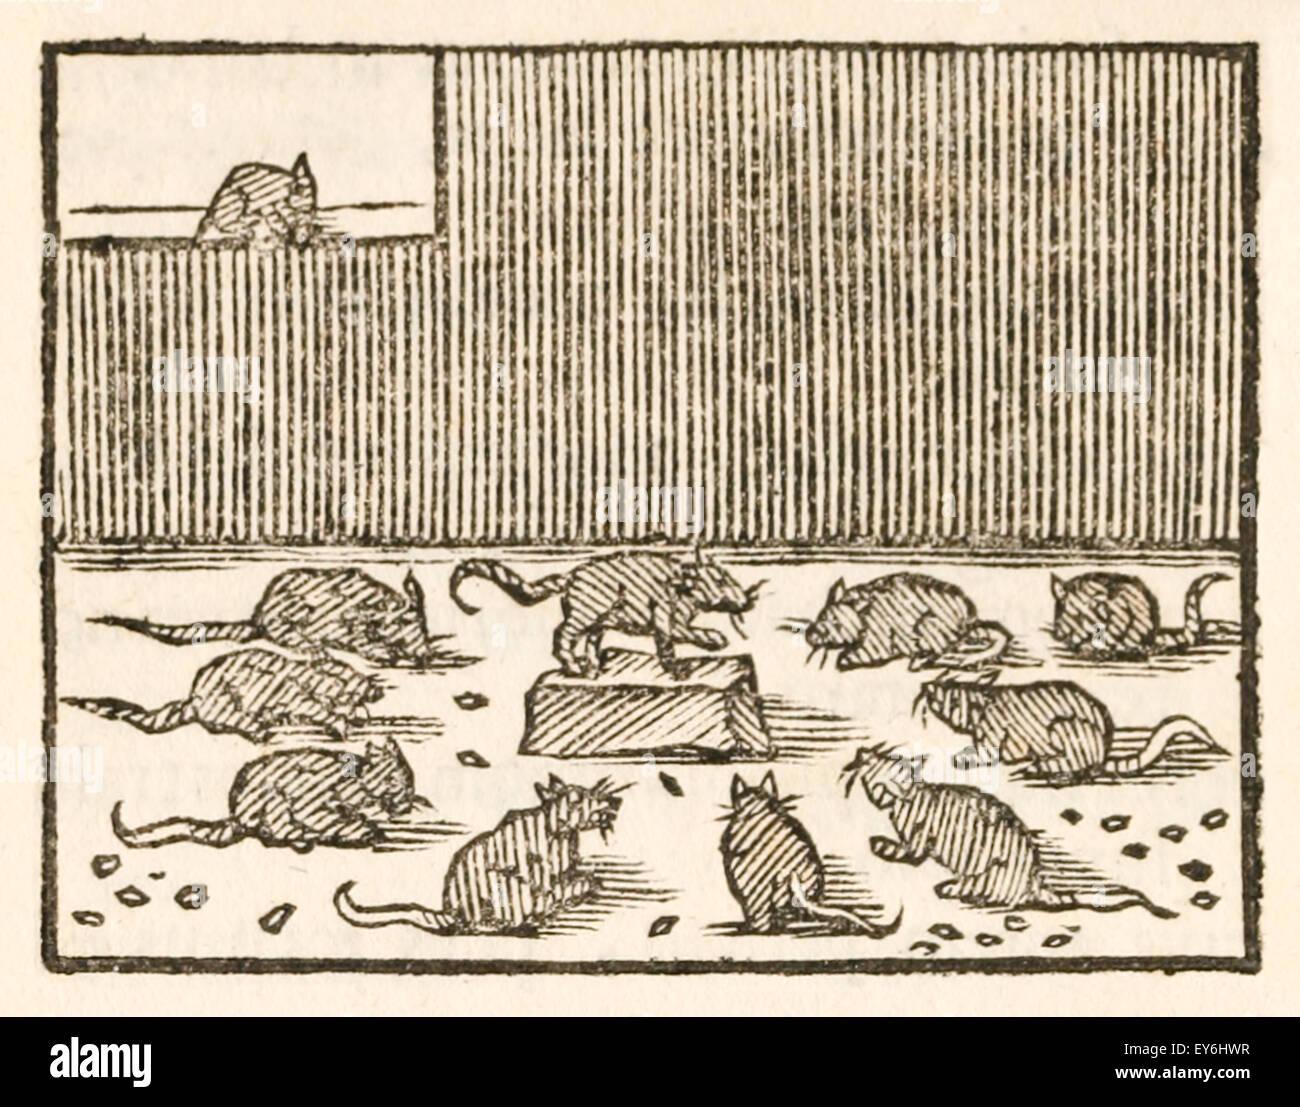 Beaucoup de grenouilles datant